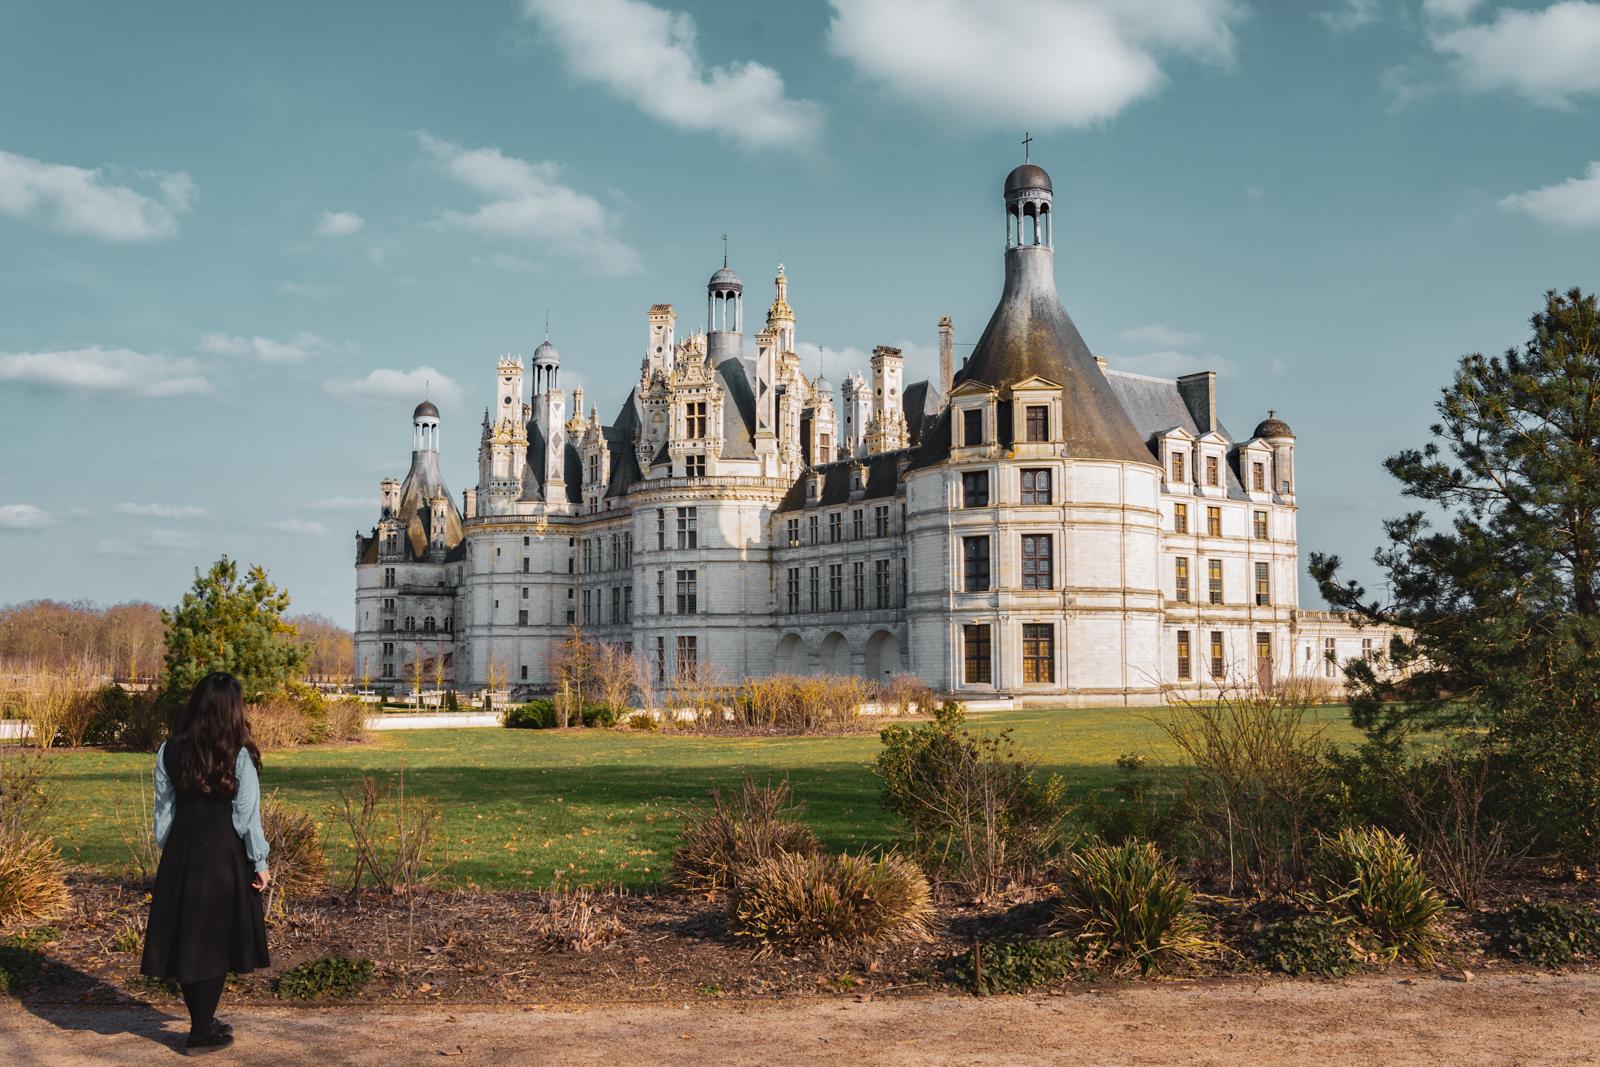 Chateau de chambord pour vos vacances en Centre-Val de Loire